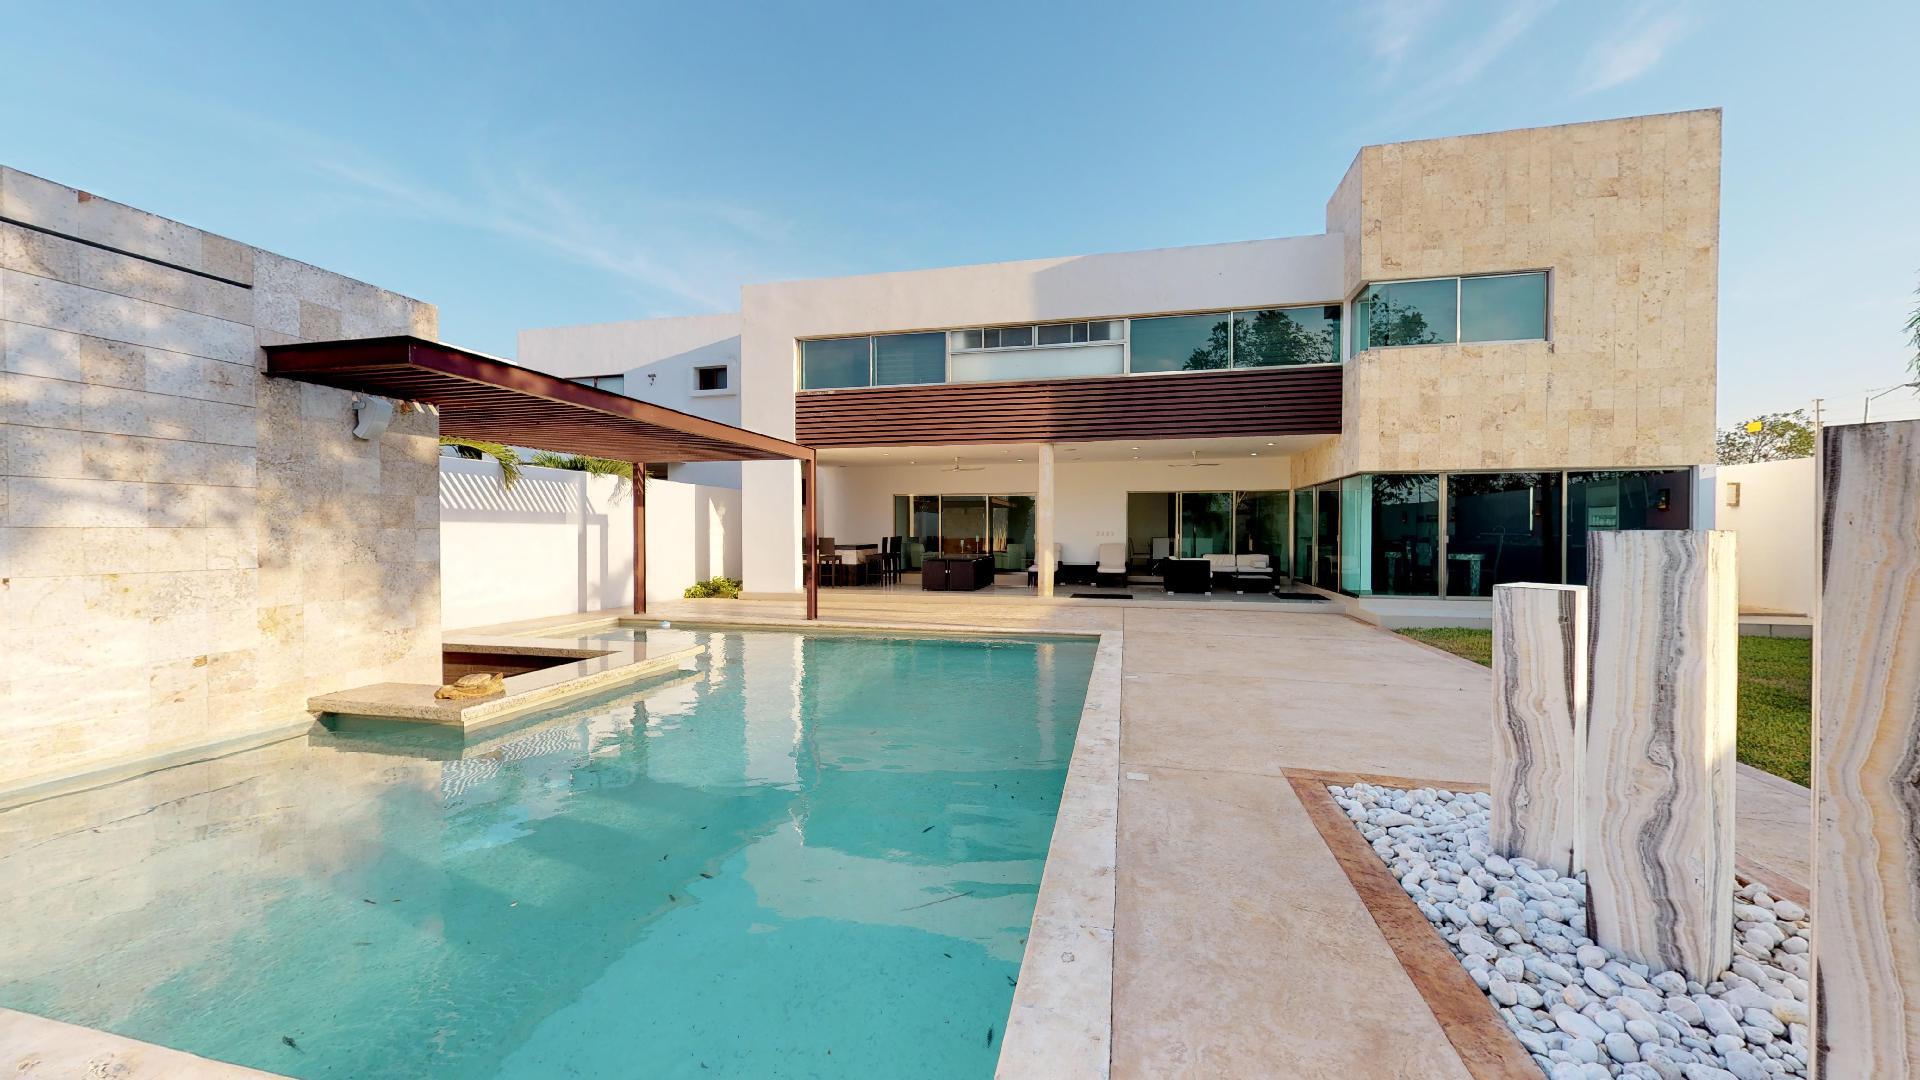 Casa-Residencial-del-Mayab-05072019_2101